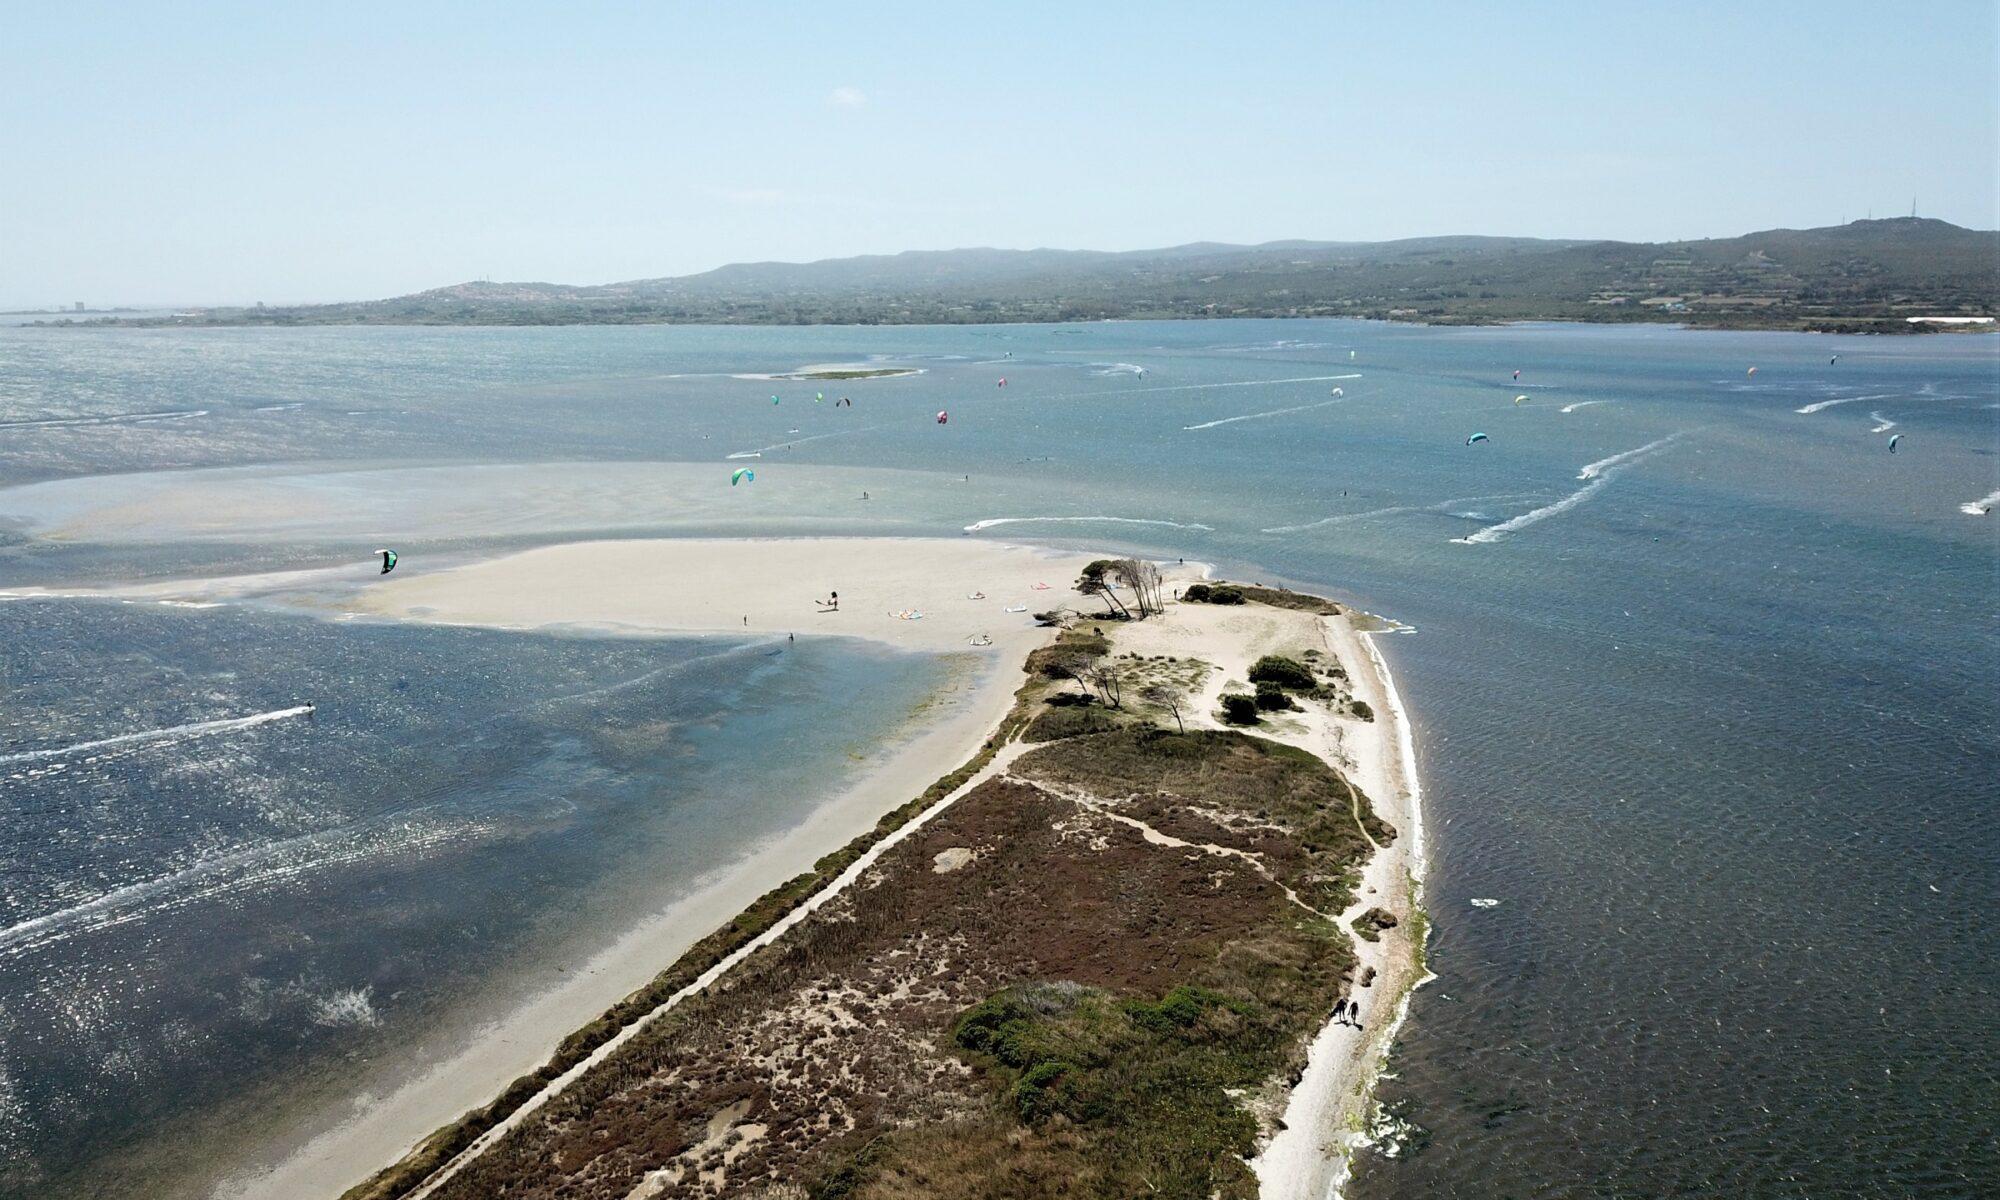 Punta Trett Kite Beach: The Kite Spot of Punta Trettu Sardinia